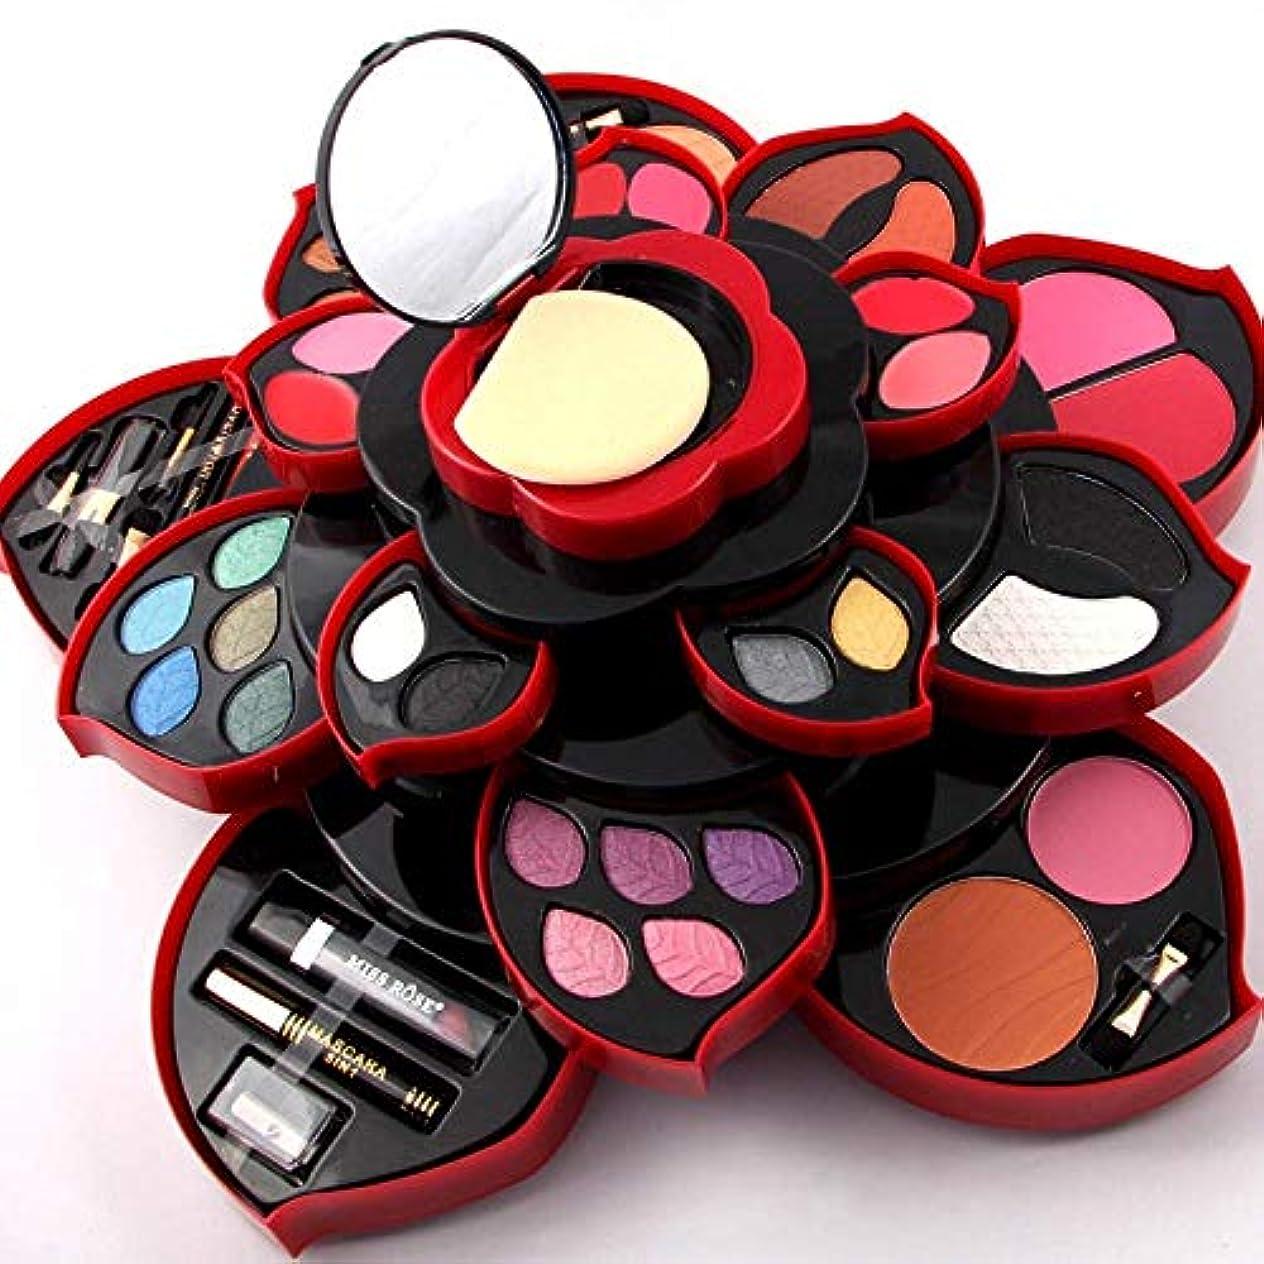 レルム韓国斧アイシャドウの化粧パレット、マット&シマーアイシャドウ、化粧鏡付きの高度に着色された化粧パレット